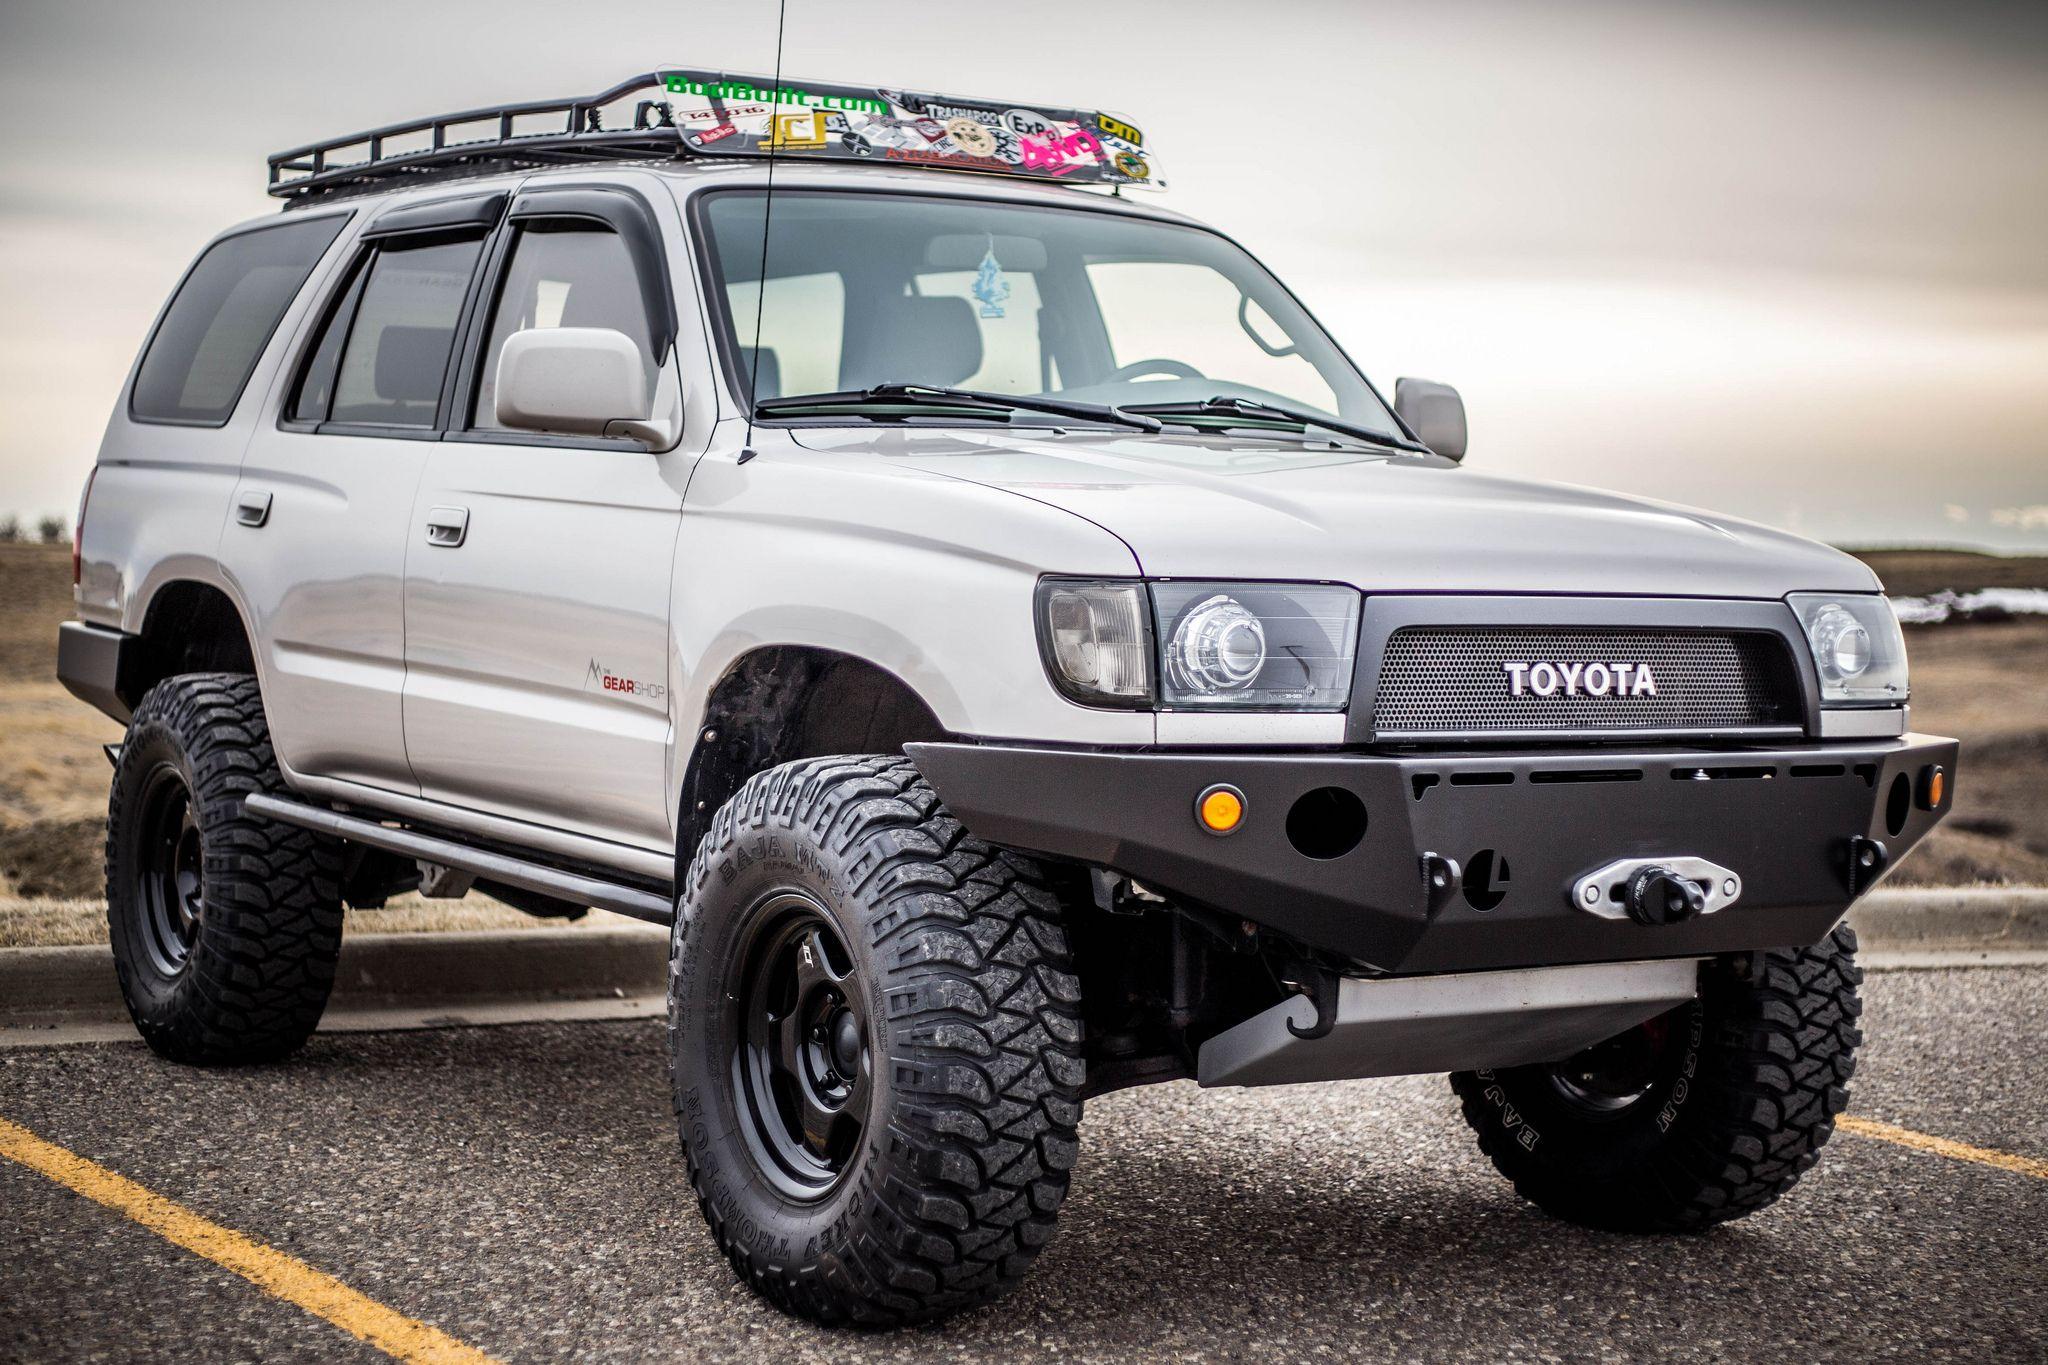 4runner Toyota 4runner 4runner Toyota Trucks